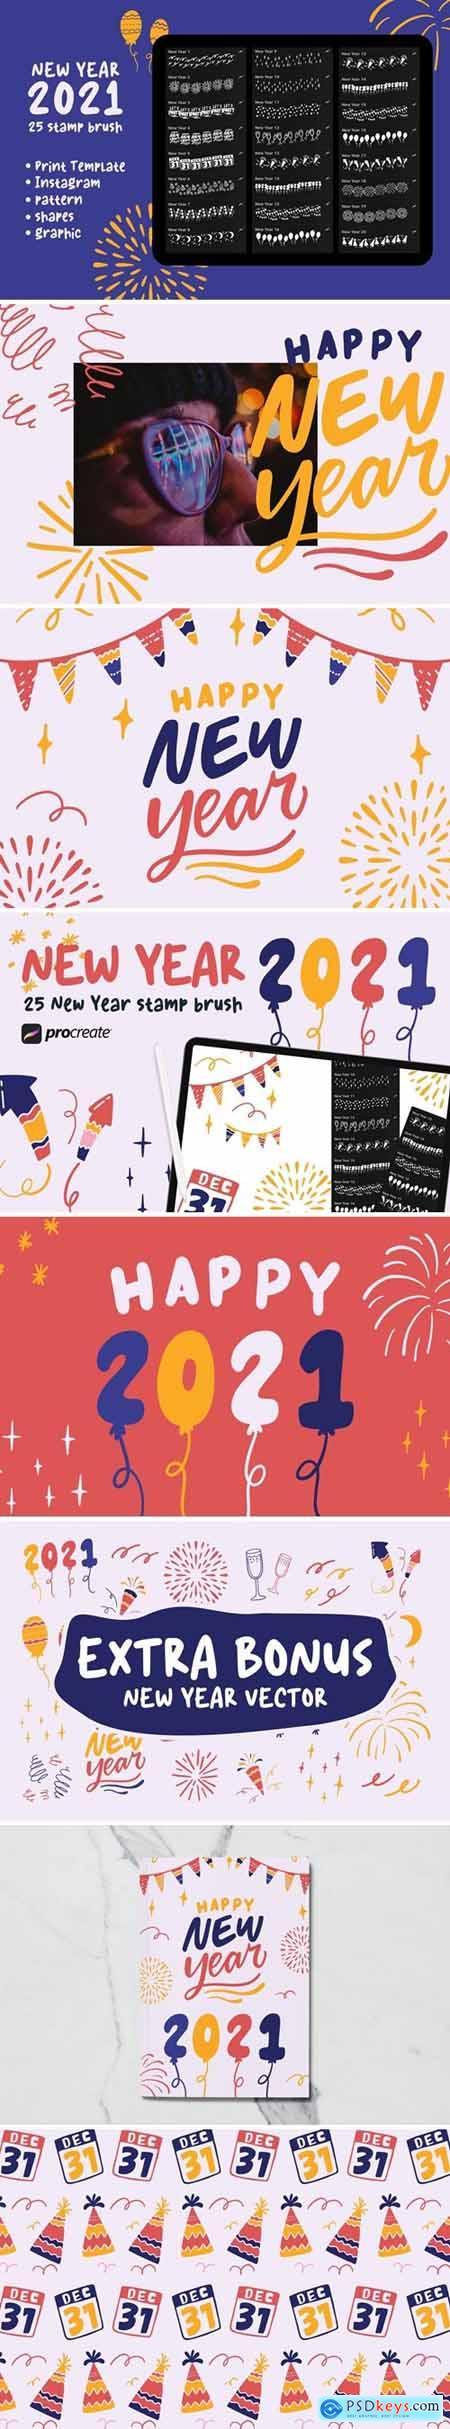 New Year 2021 - Procreate Stamp Brush